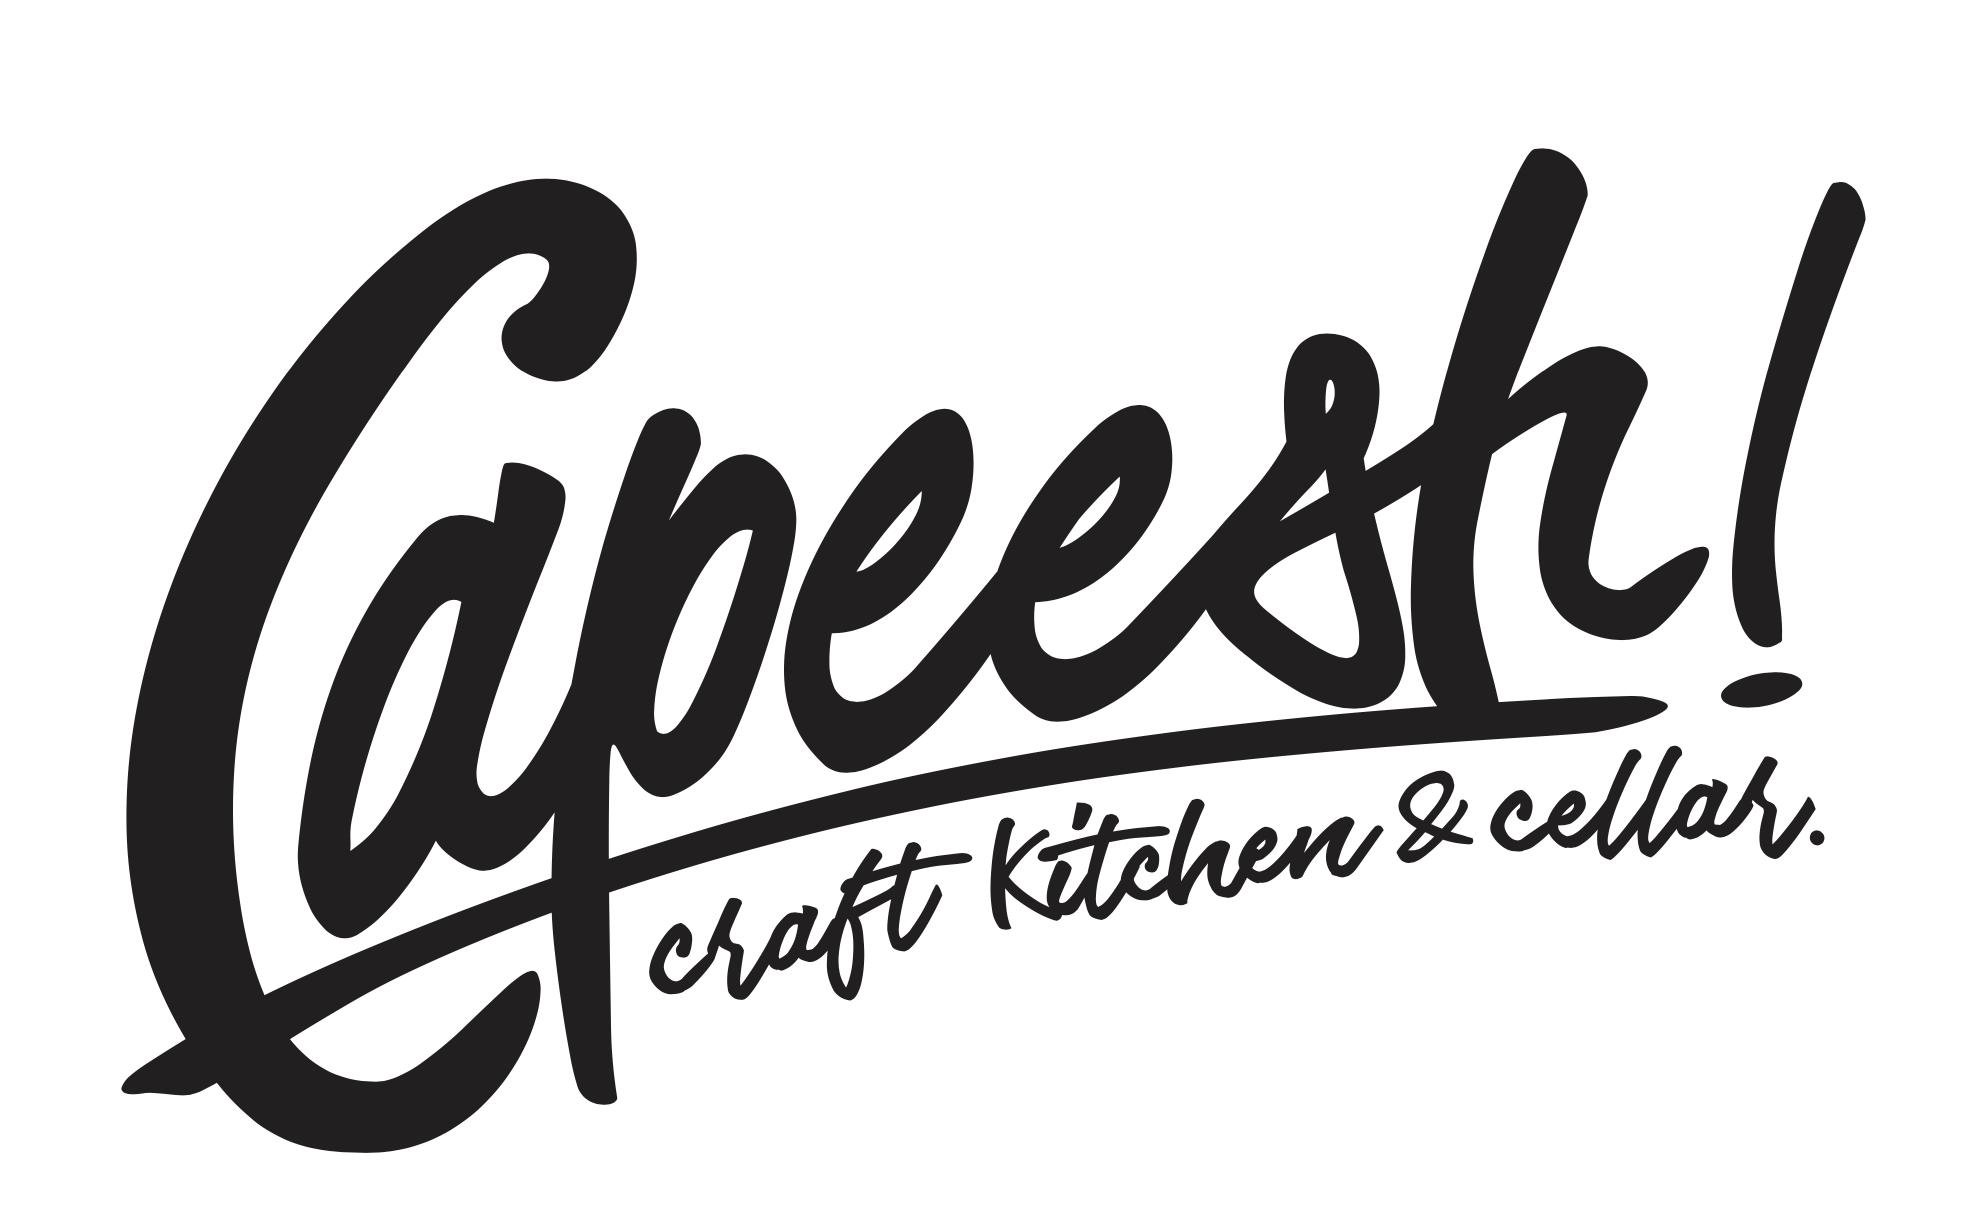 Capeesh Craft Kitchen & Cellar Logo